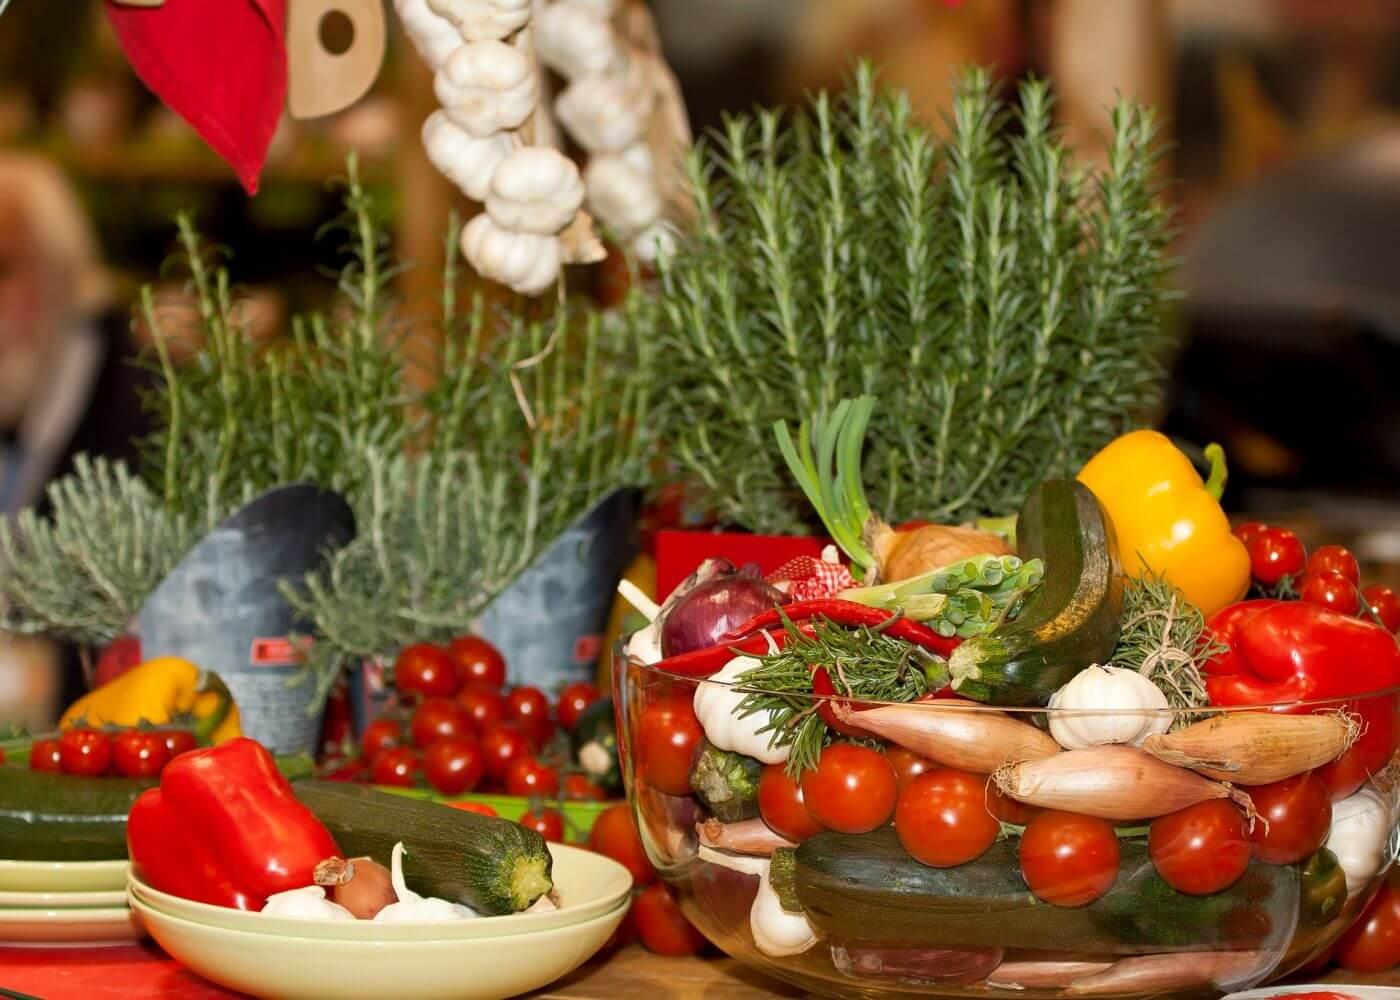 Buntes, mediterranes Gemüse in verschiedenen Behältern auf Tisch. Vegane Lebensmittel und Kräuter